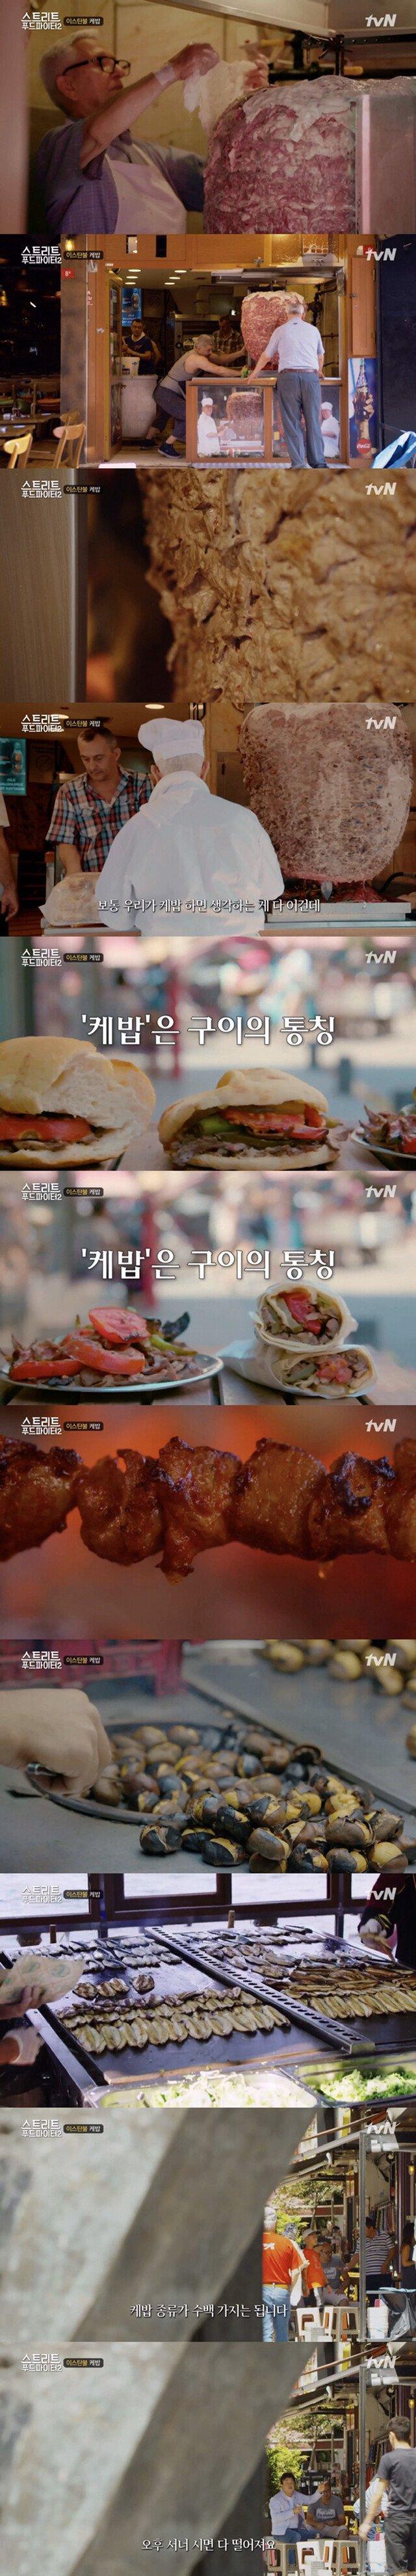 A2F2828B-72BB-491D-A6F9-BAD5EB22522F.jpeg 조만간 한국인들로 넘쳐날 터키 케밥 맛집.jpg